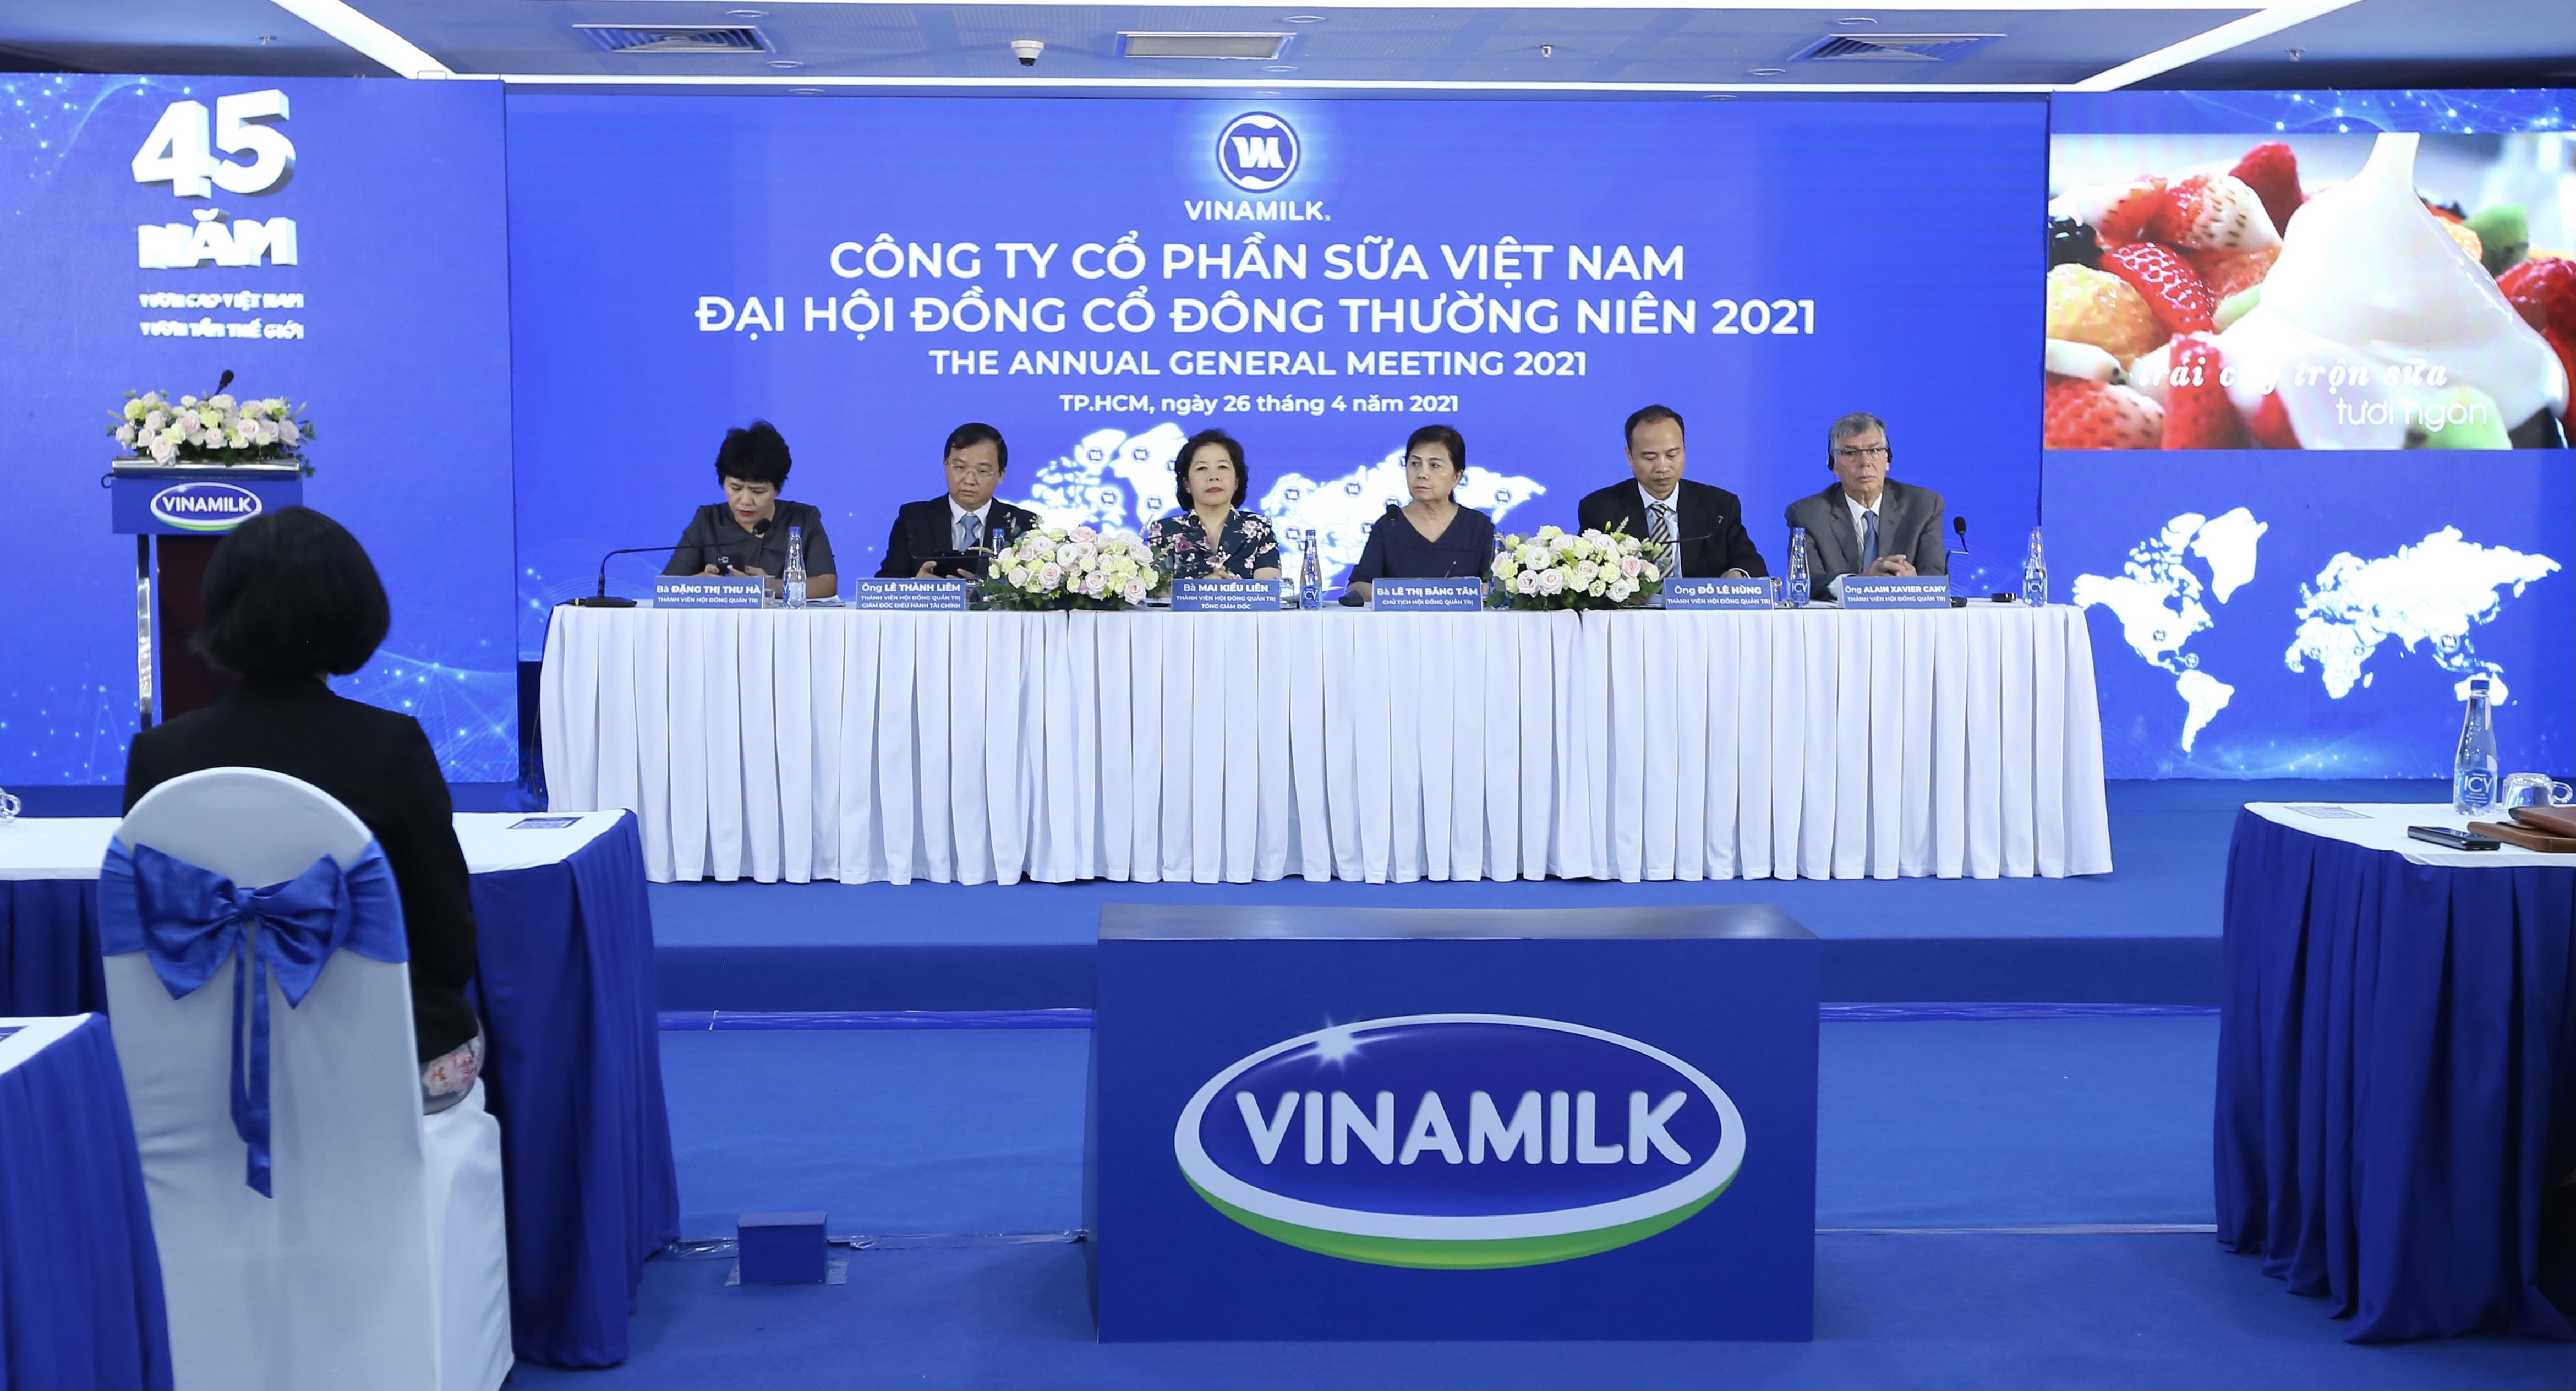 ĐHĐCĐ Vinamilk: Tín hiệu xuất khẩu tích cực 